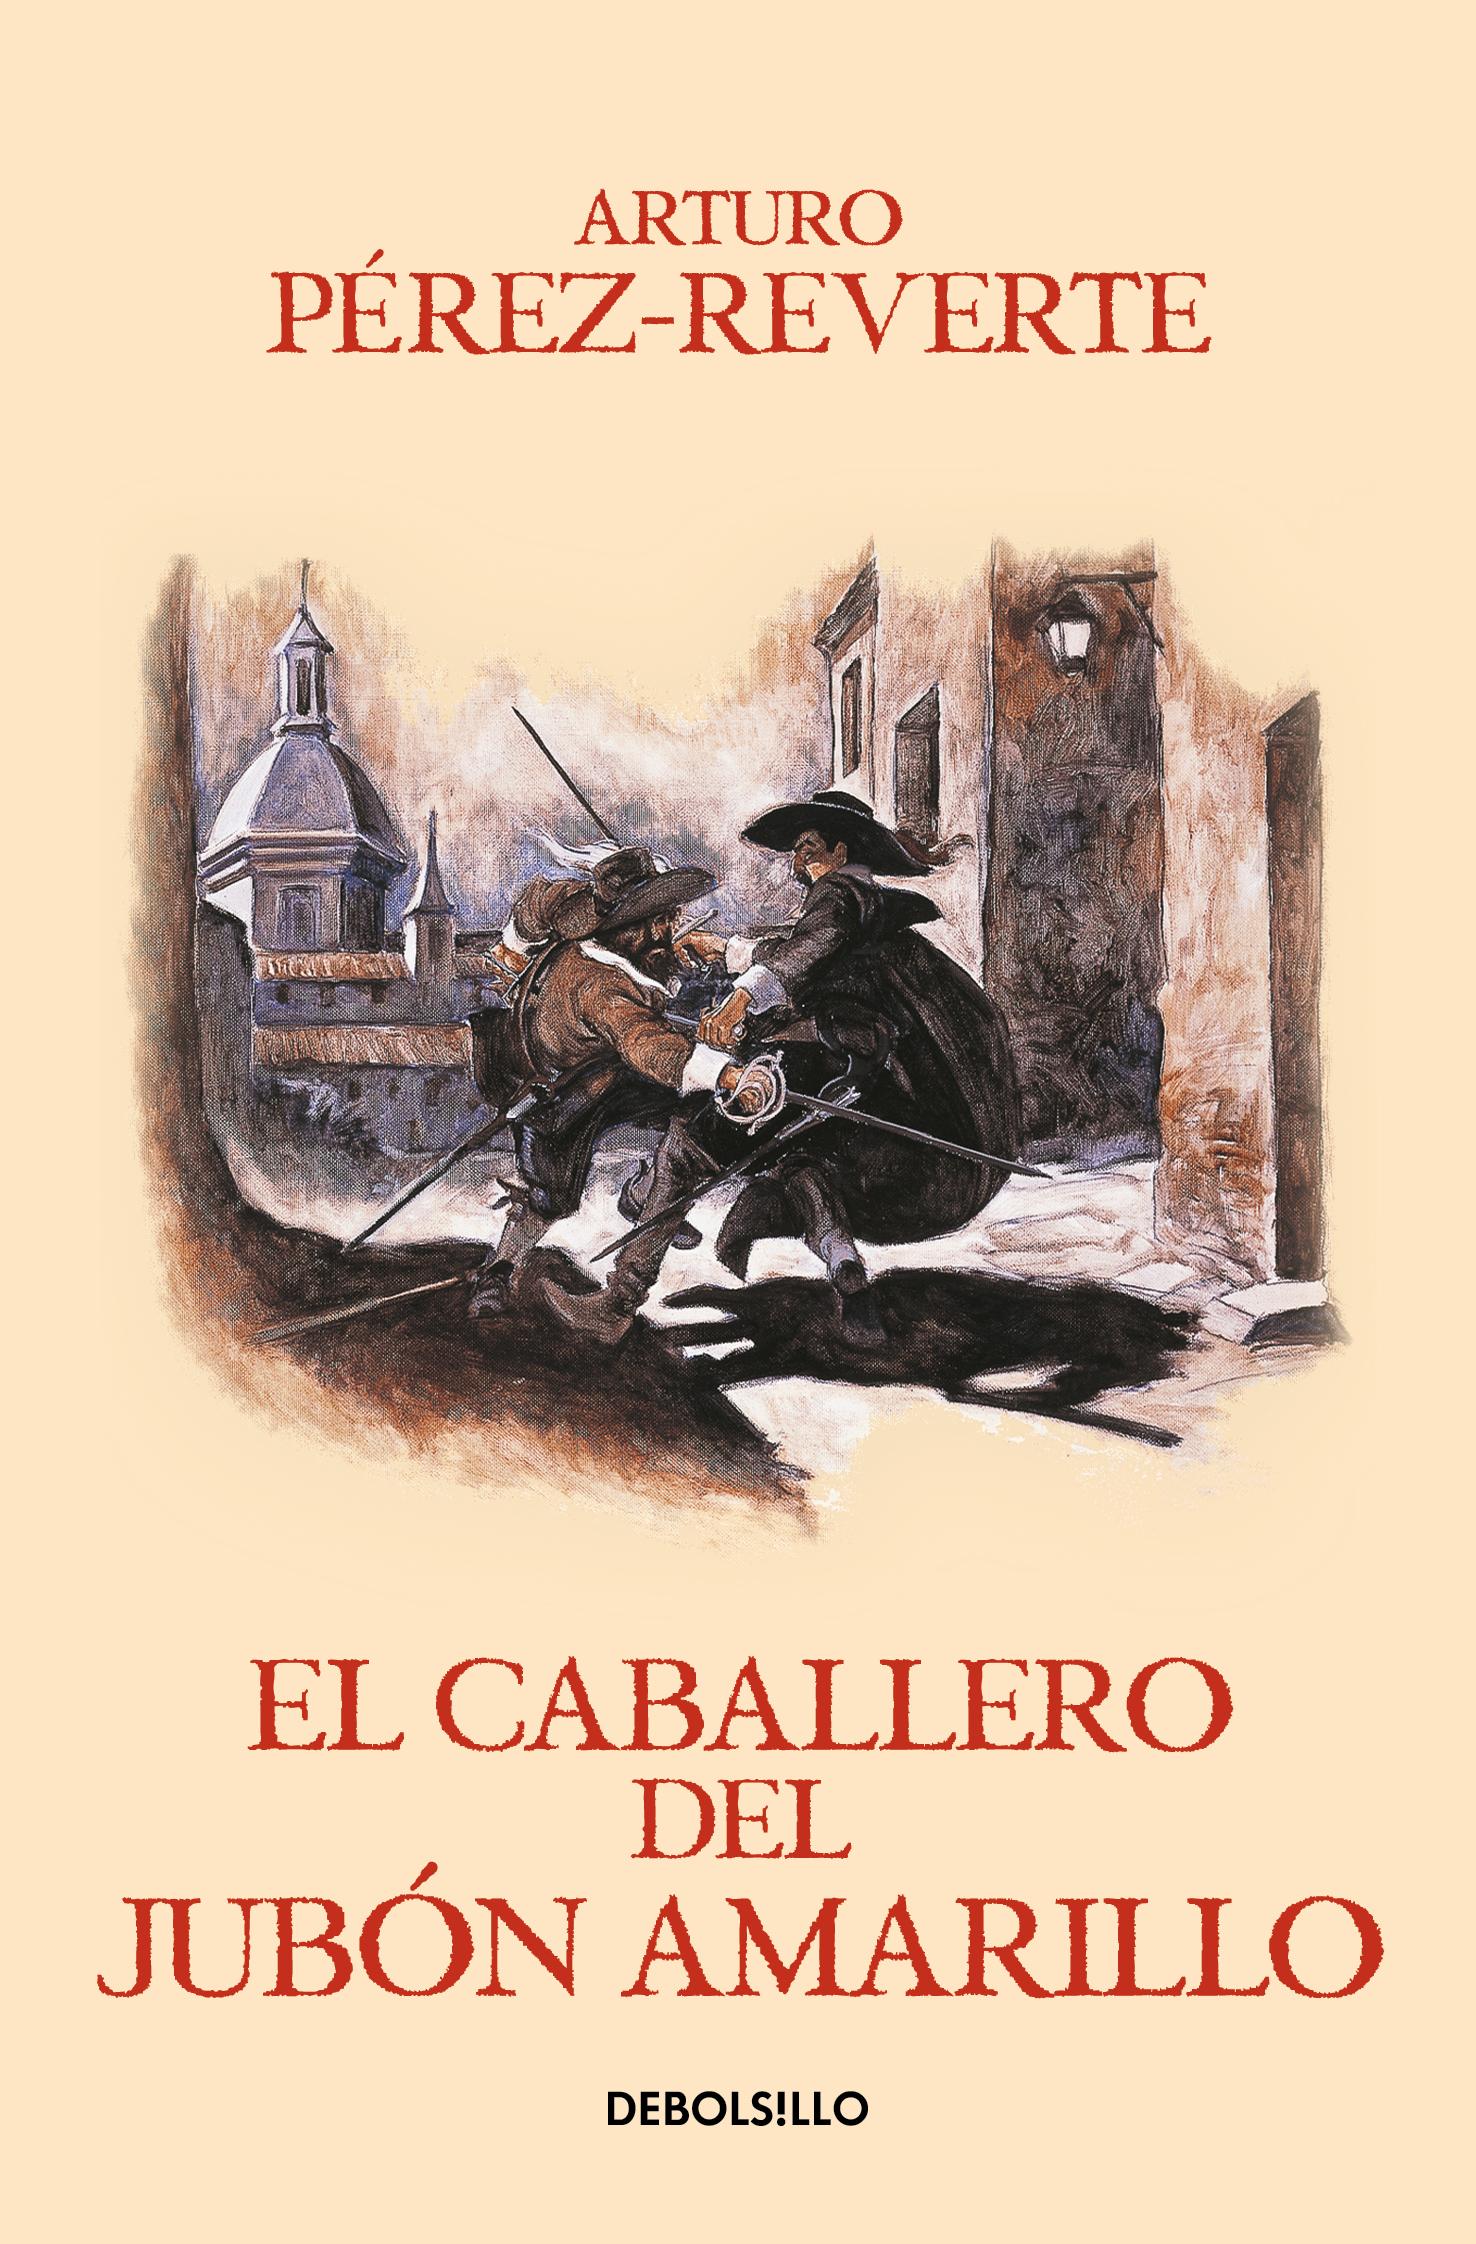 EL CABALLERO DEL JUB�N AMARILLO